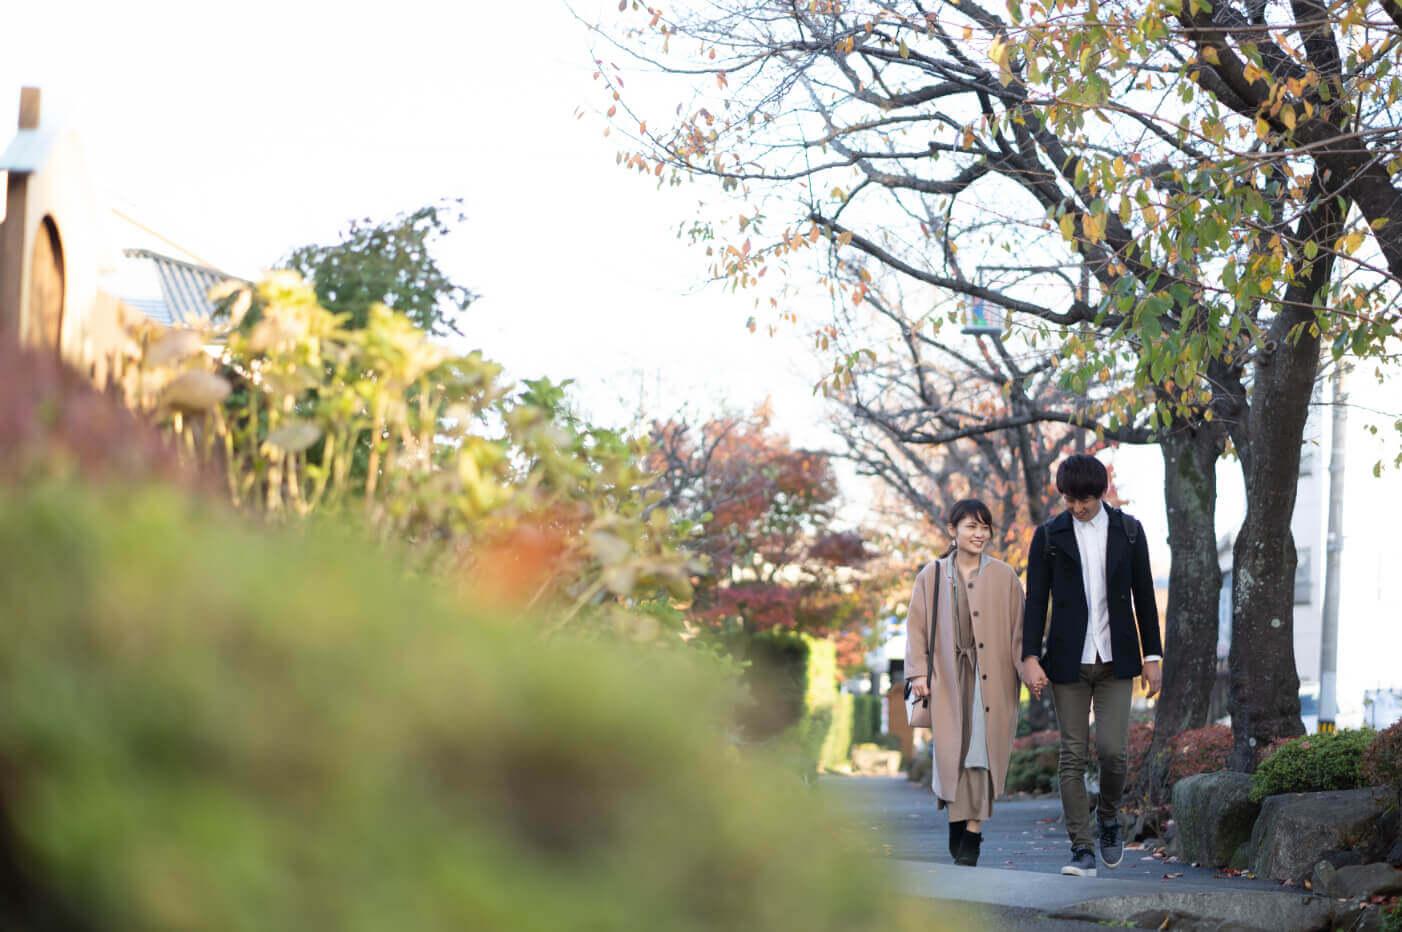 街路樹を歩くカップル